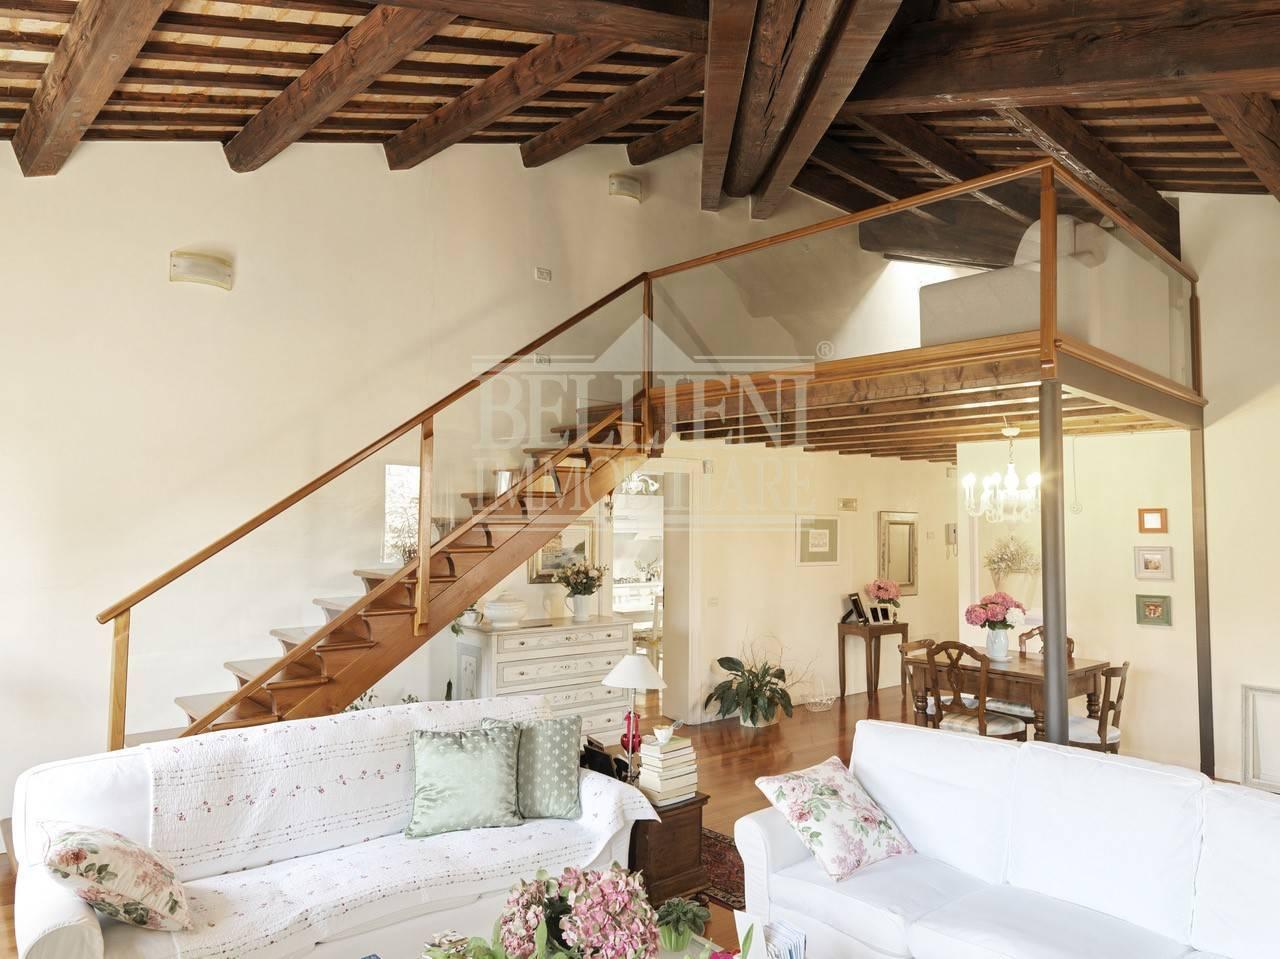 Attico / Mansarda in vendita a Vicenza, 6 locali, zona Località: Centrostorico, Trattative riservate | PortaleAgenzieImmobiliari.it